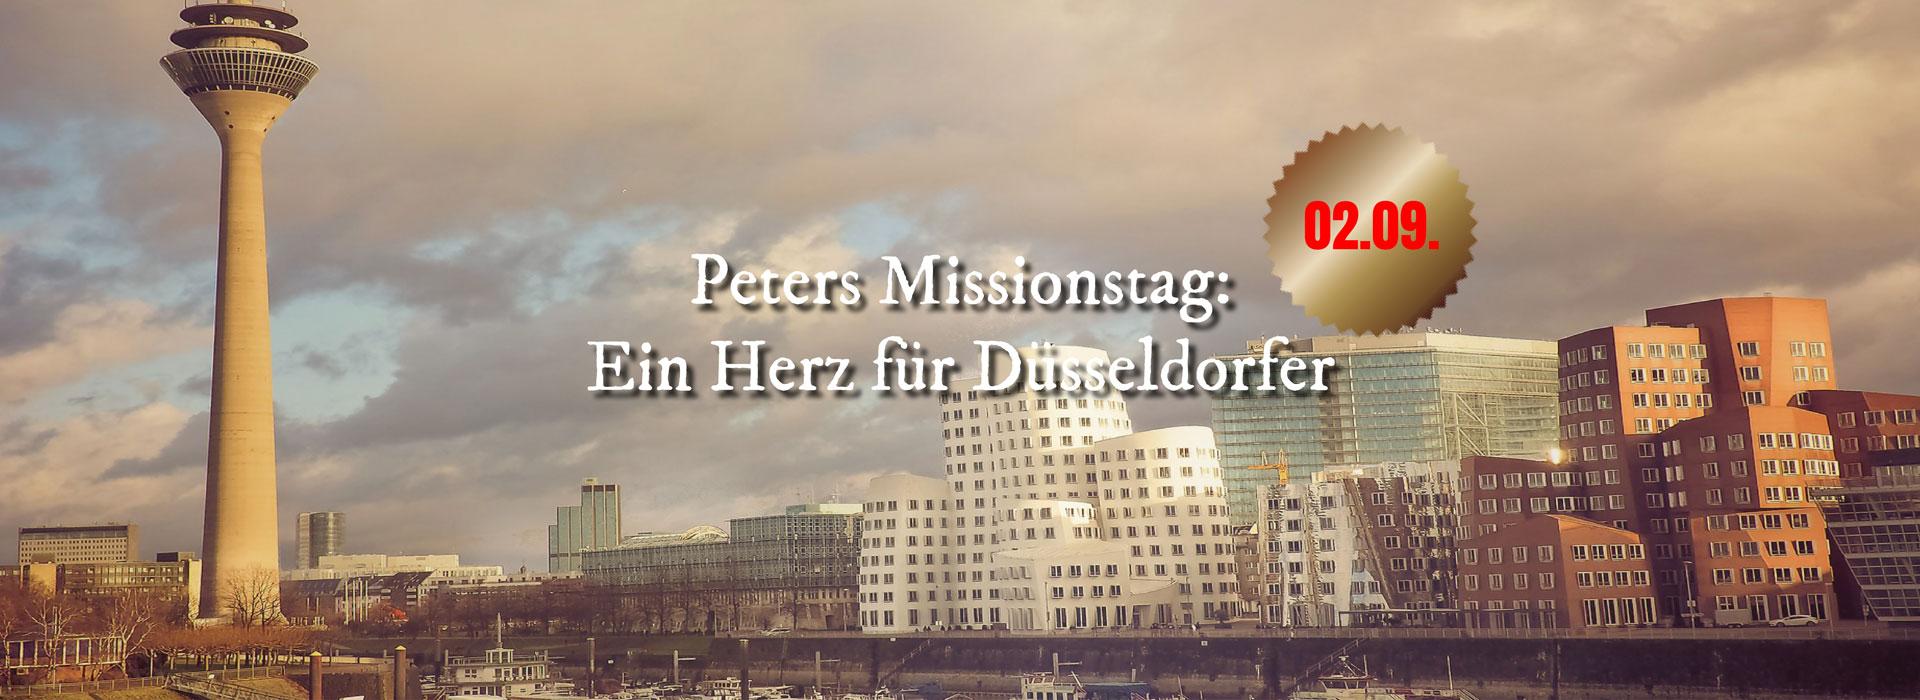 Aktionsbild ein Herz für Düsseldorfer